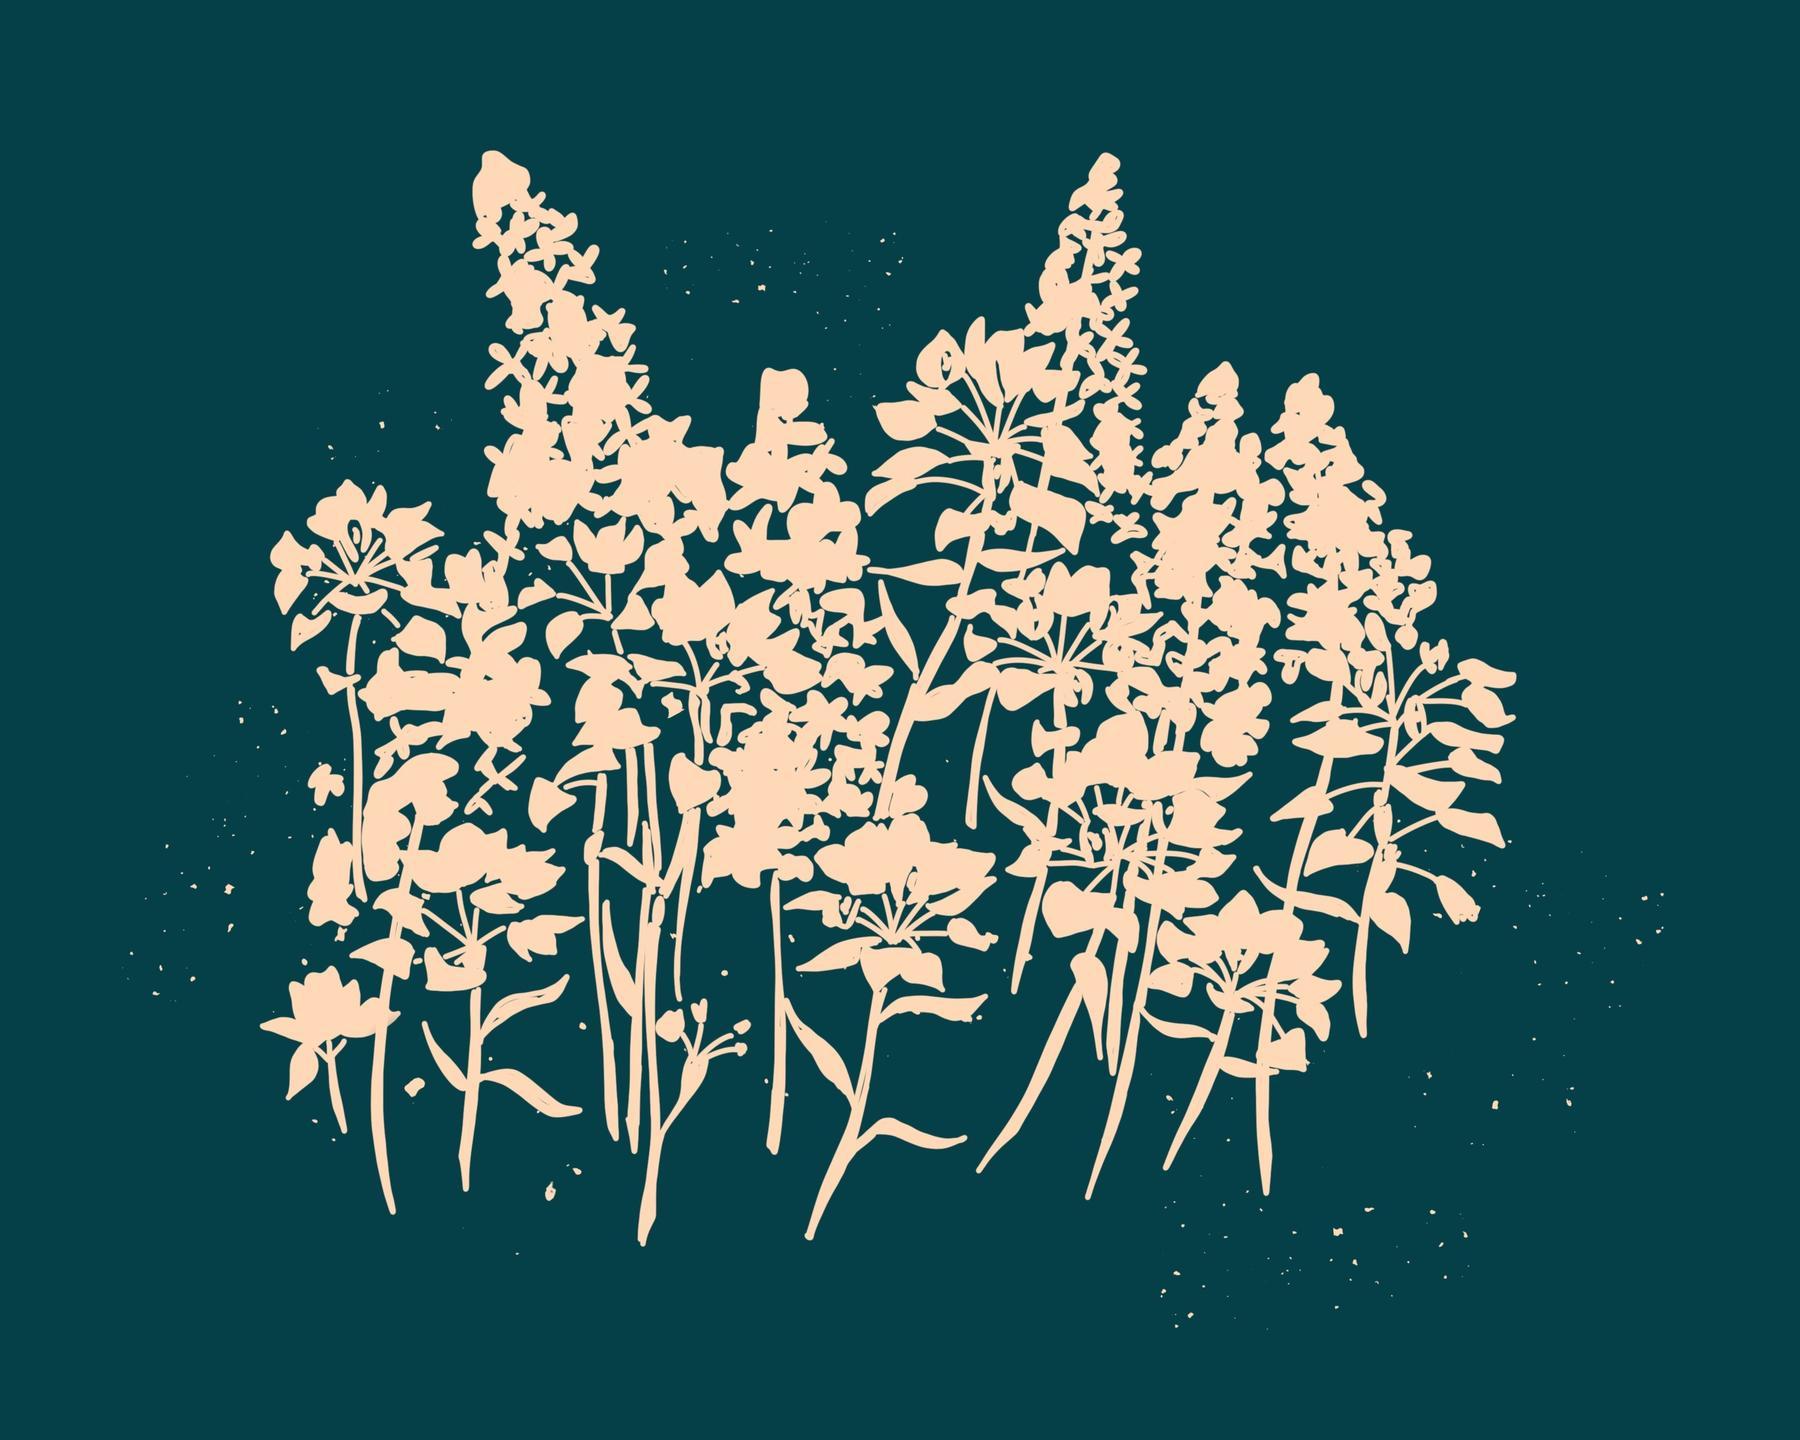 flower silhouette art